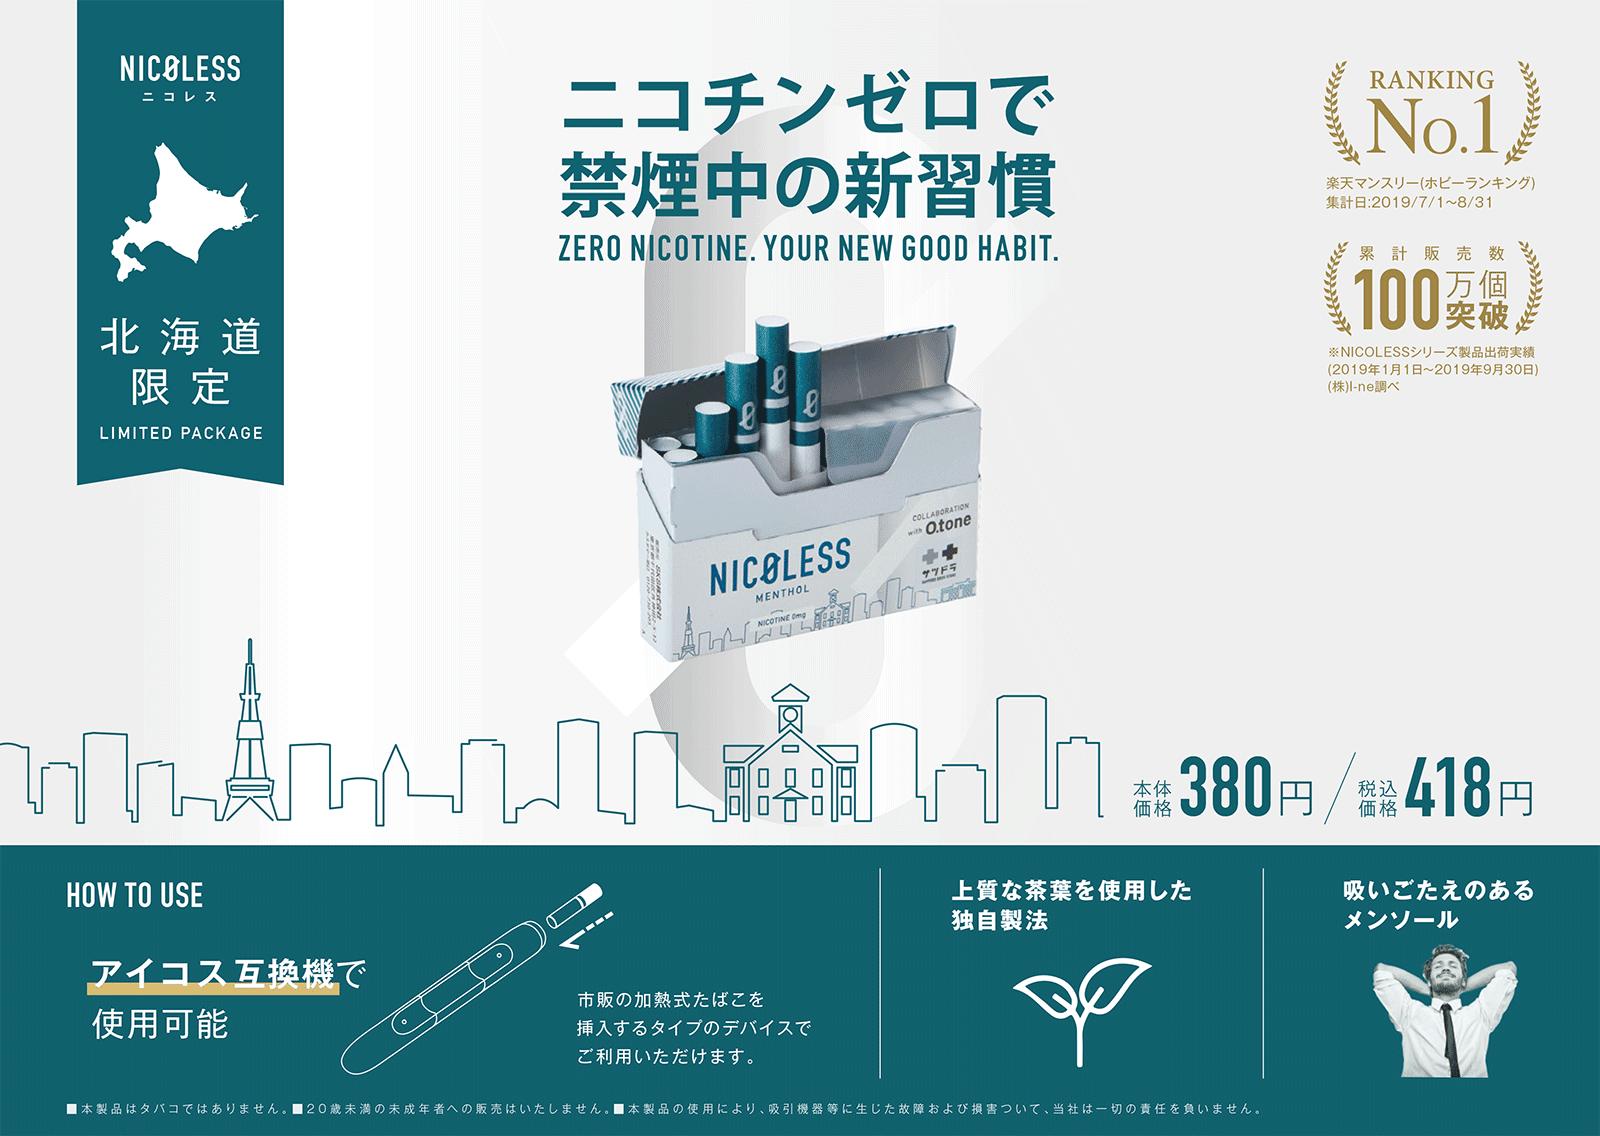 Otone×NICOLESSコラボパッケージサツドラ限定発売